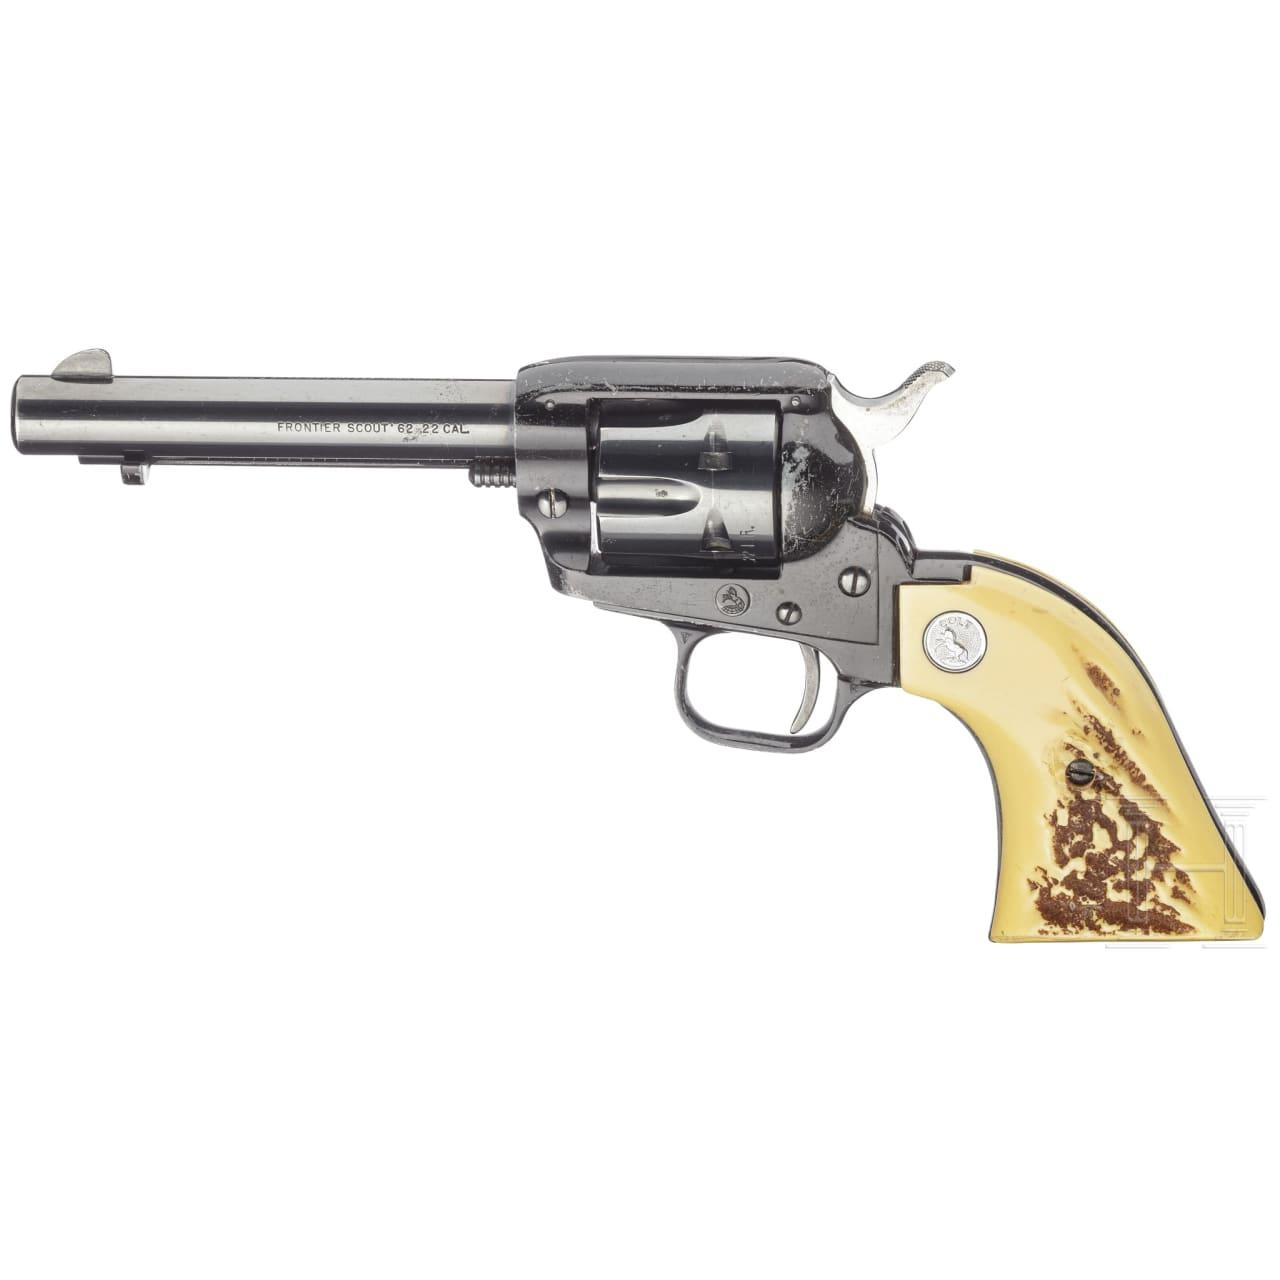 Colt SA Frontier Scout 62